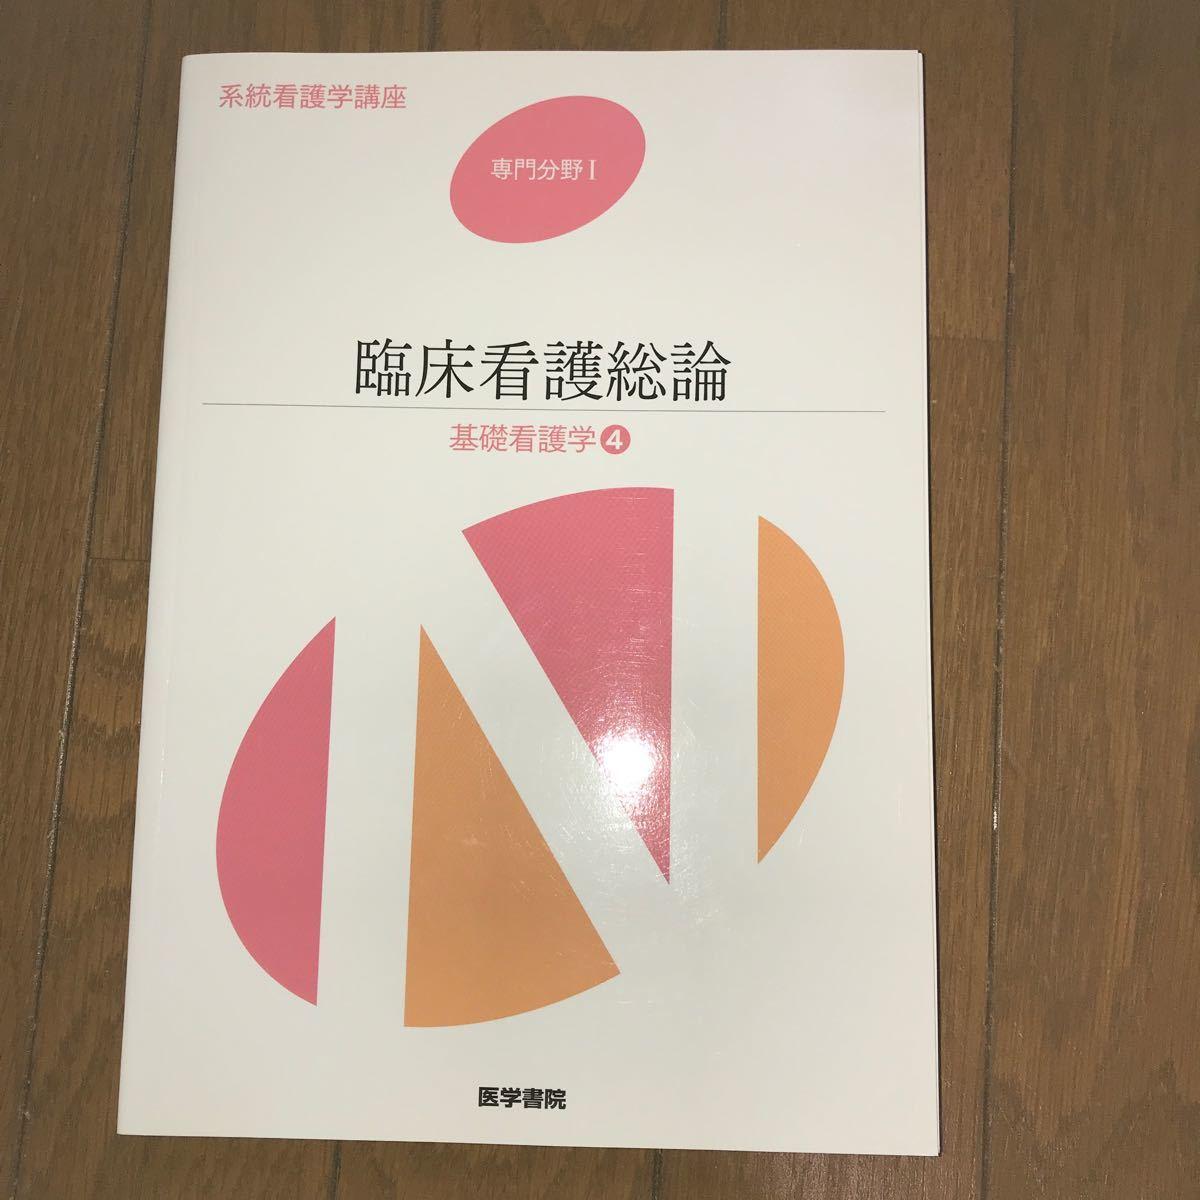 基礎看護学 第5版 (4) 臨床看護総論 系統看護学講座 専門分野I/香春知永 【著者代表】